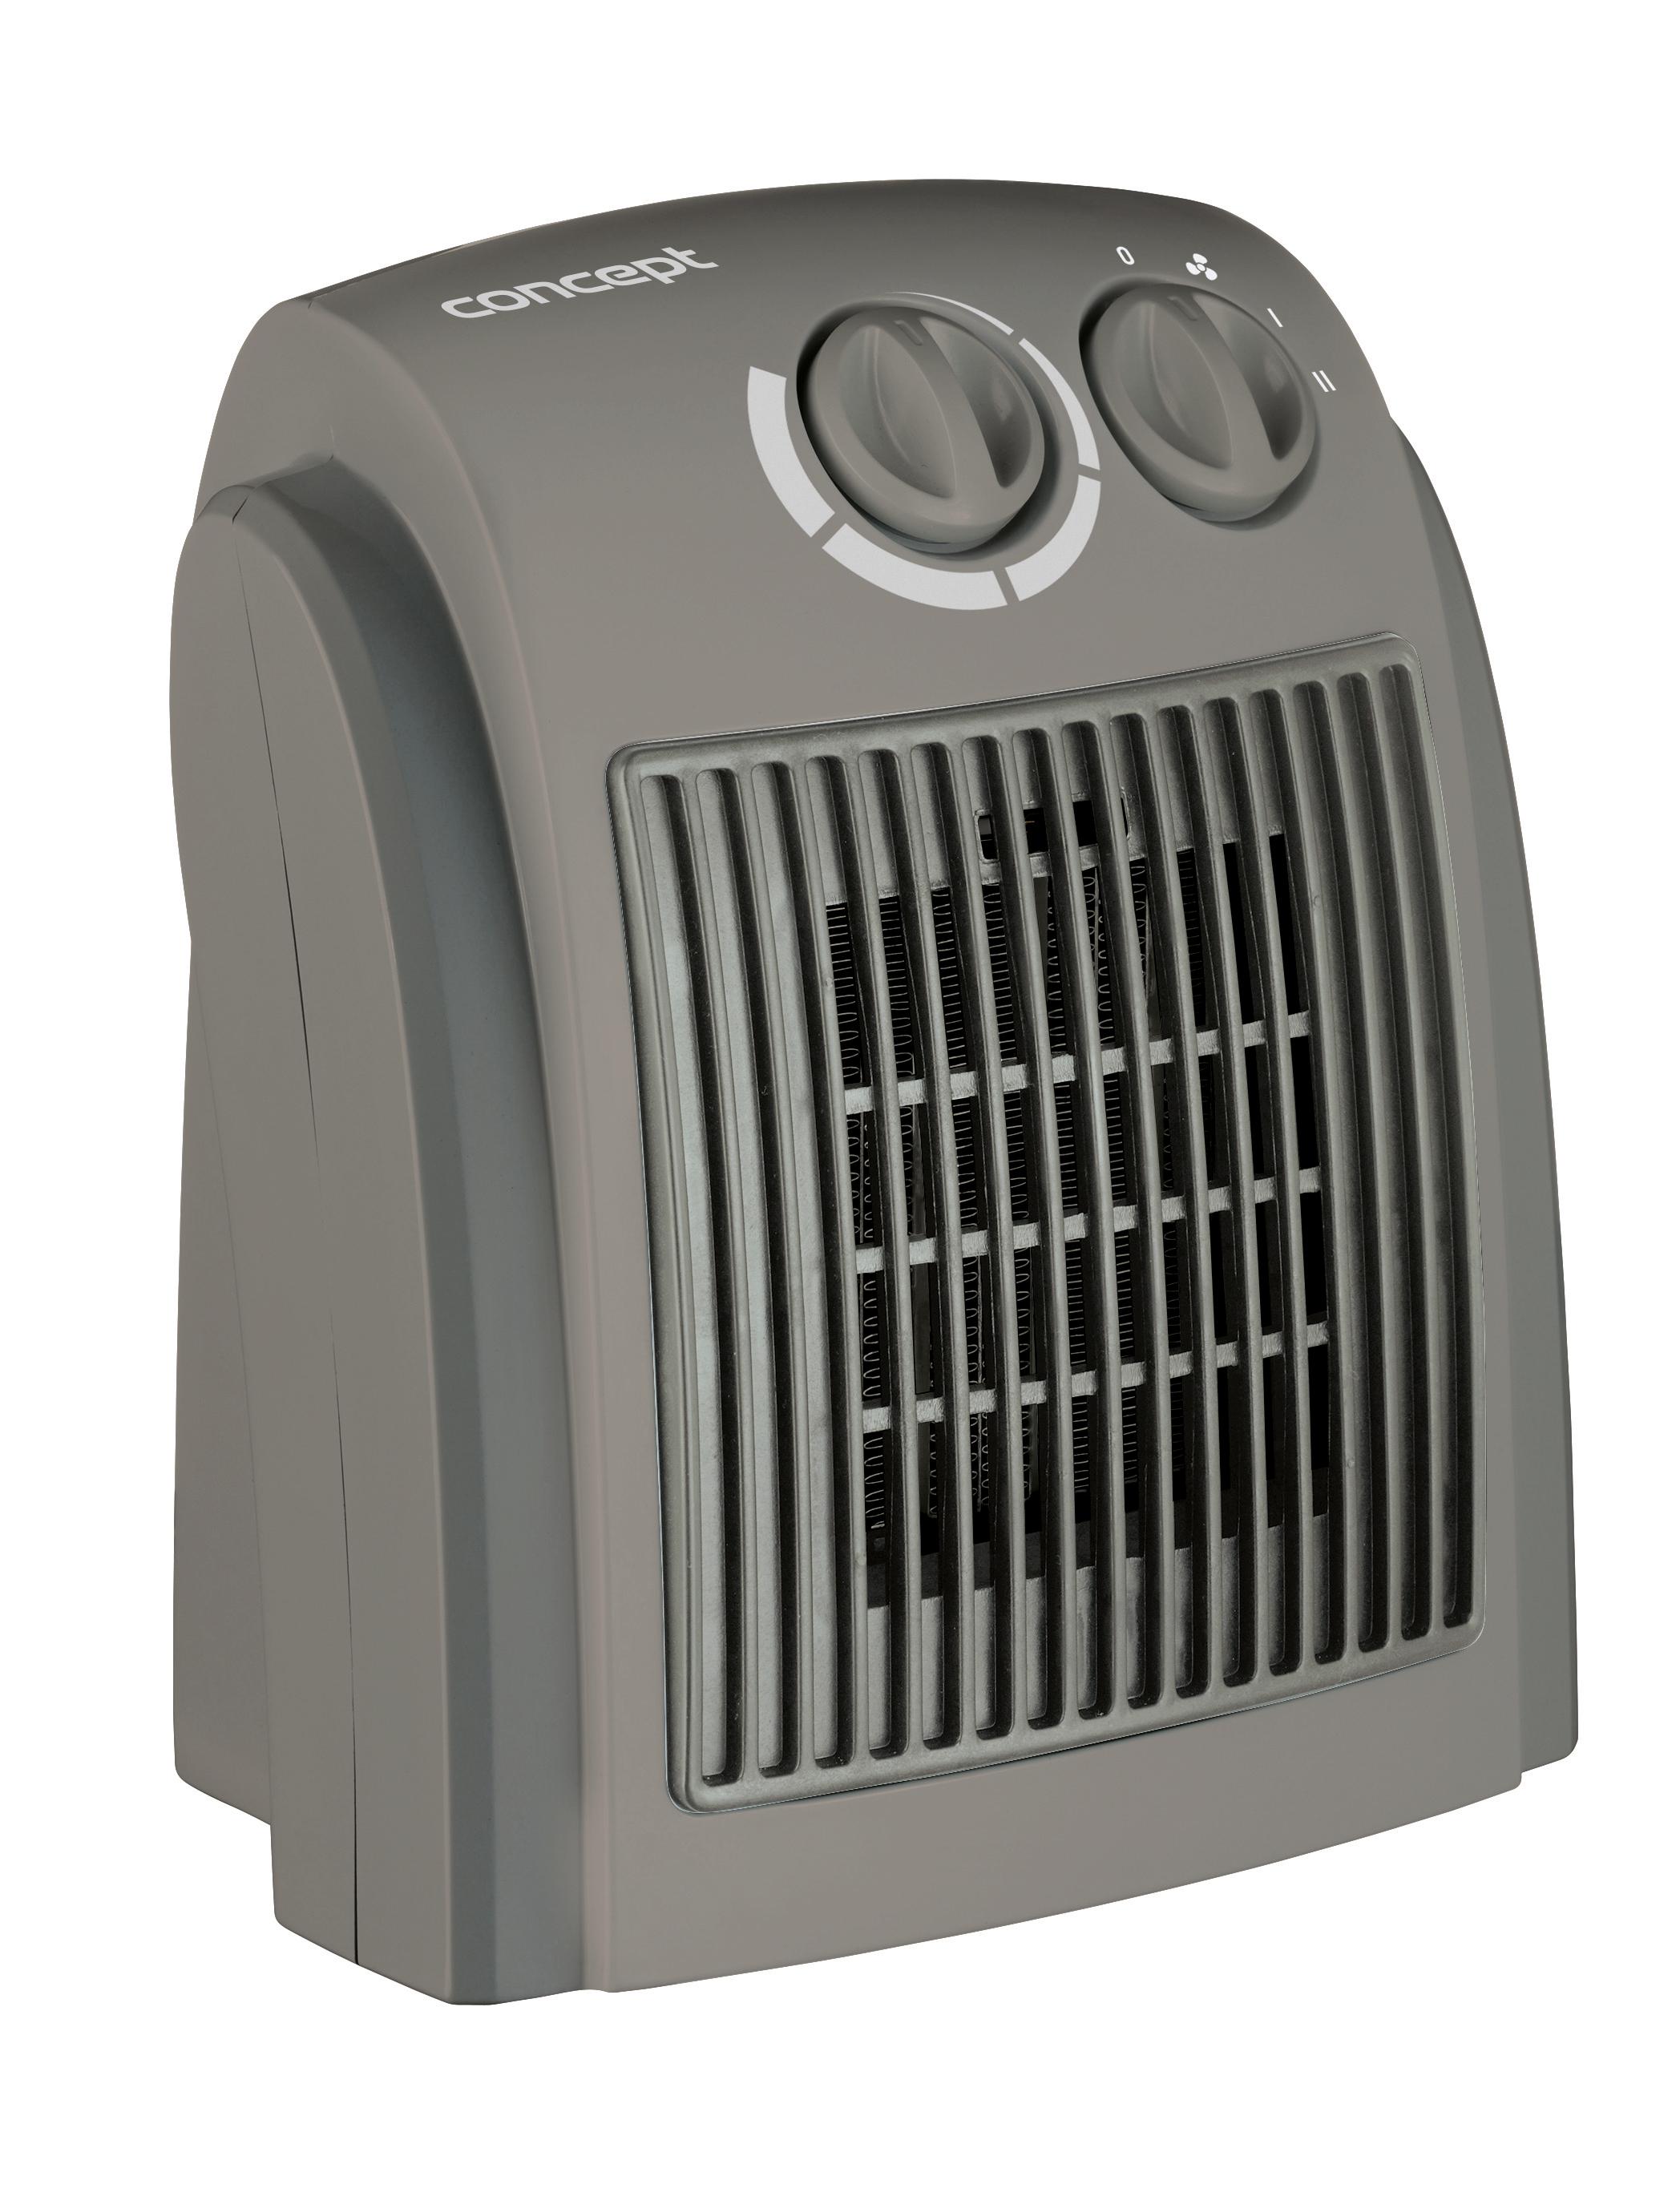 Teplovzdušný ventilátor Concept VT-7020